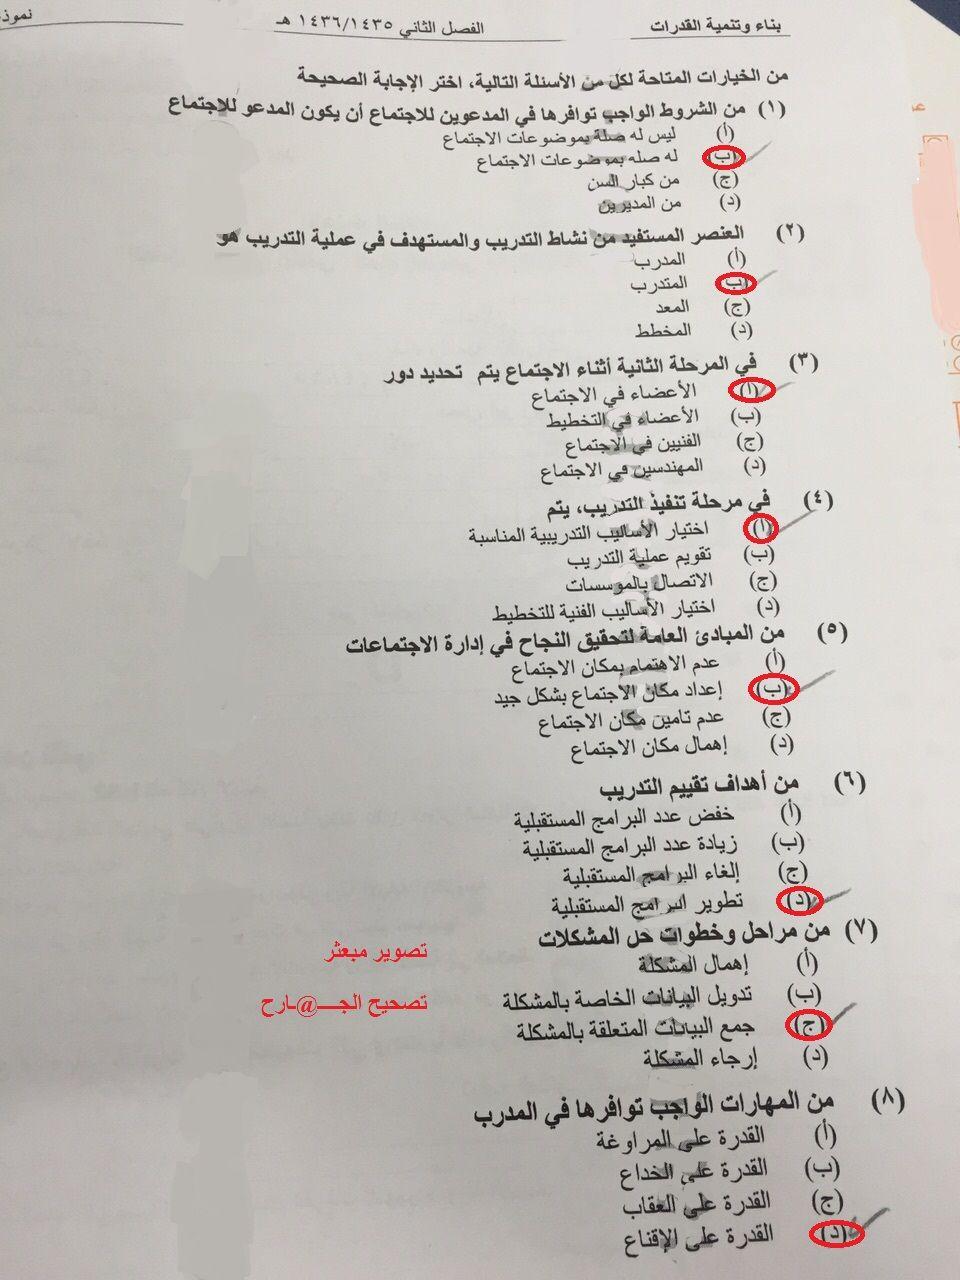 اسئلة اختبار بناء وتنمية القدرات الفصل الثاني 1436هـ نموذج D بناء وتنمية القدرات جامعة الملك فيصل